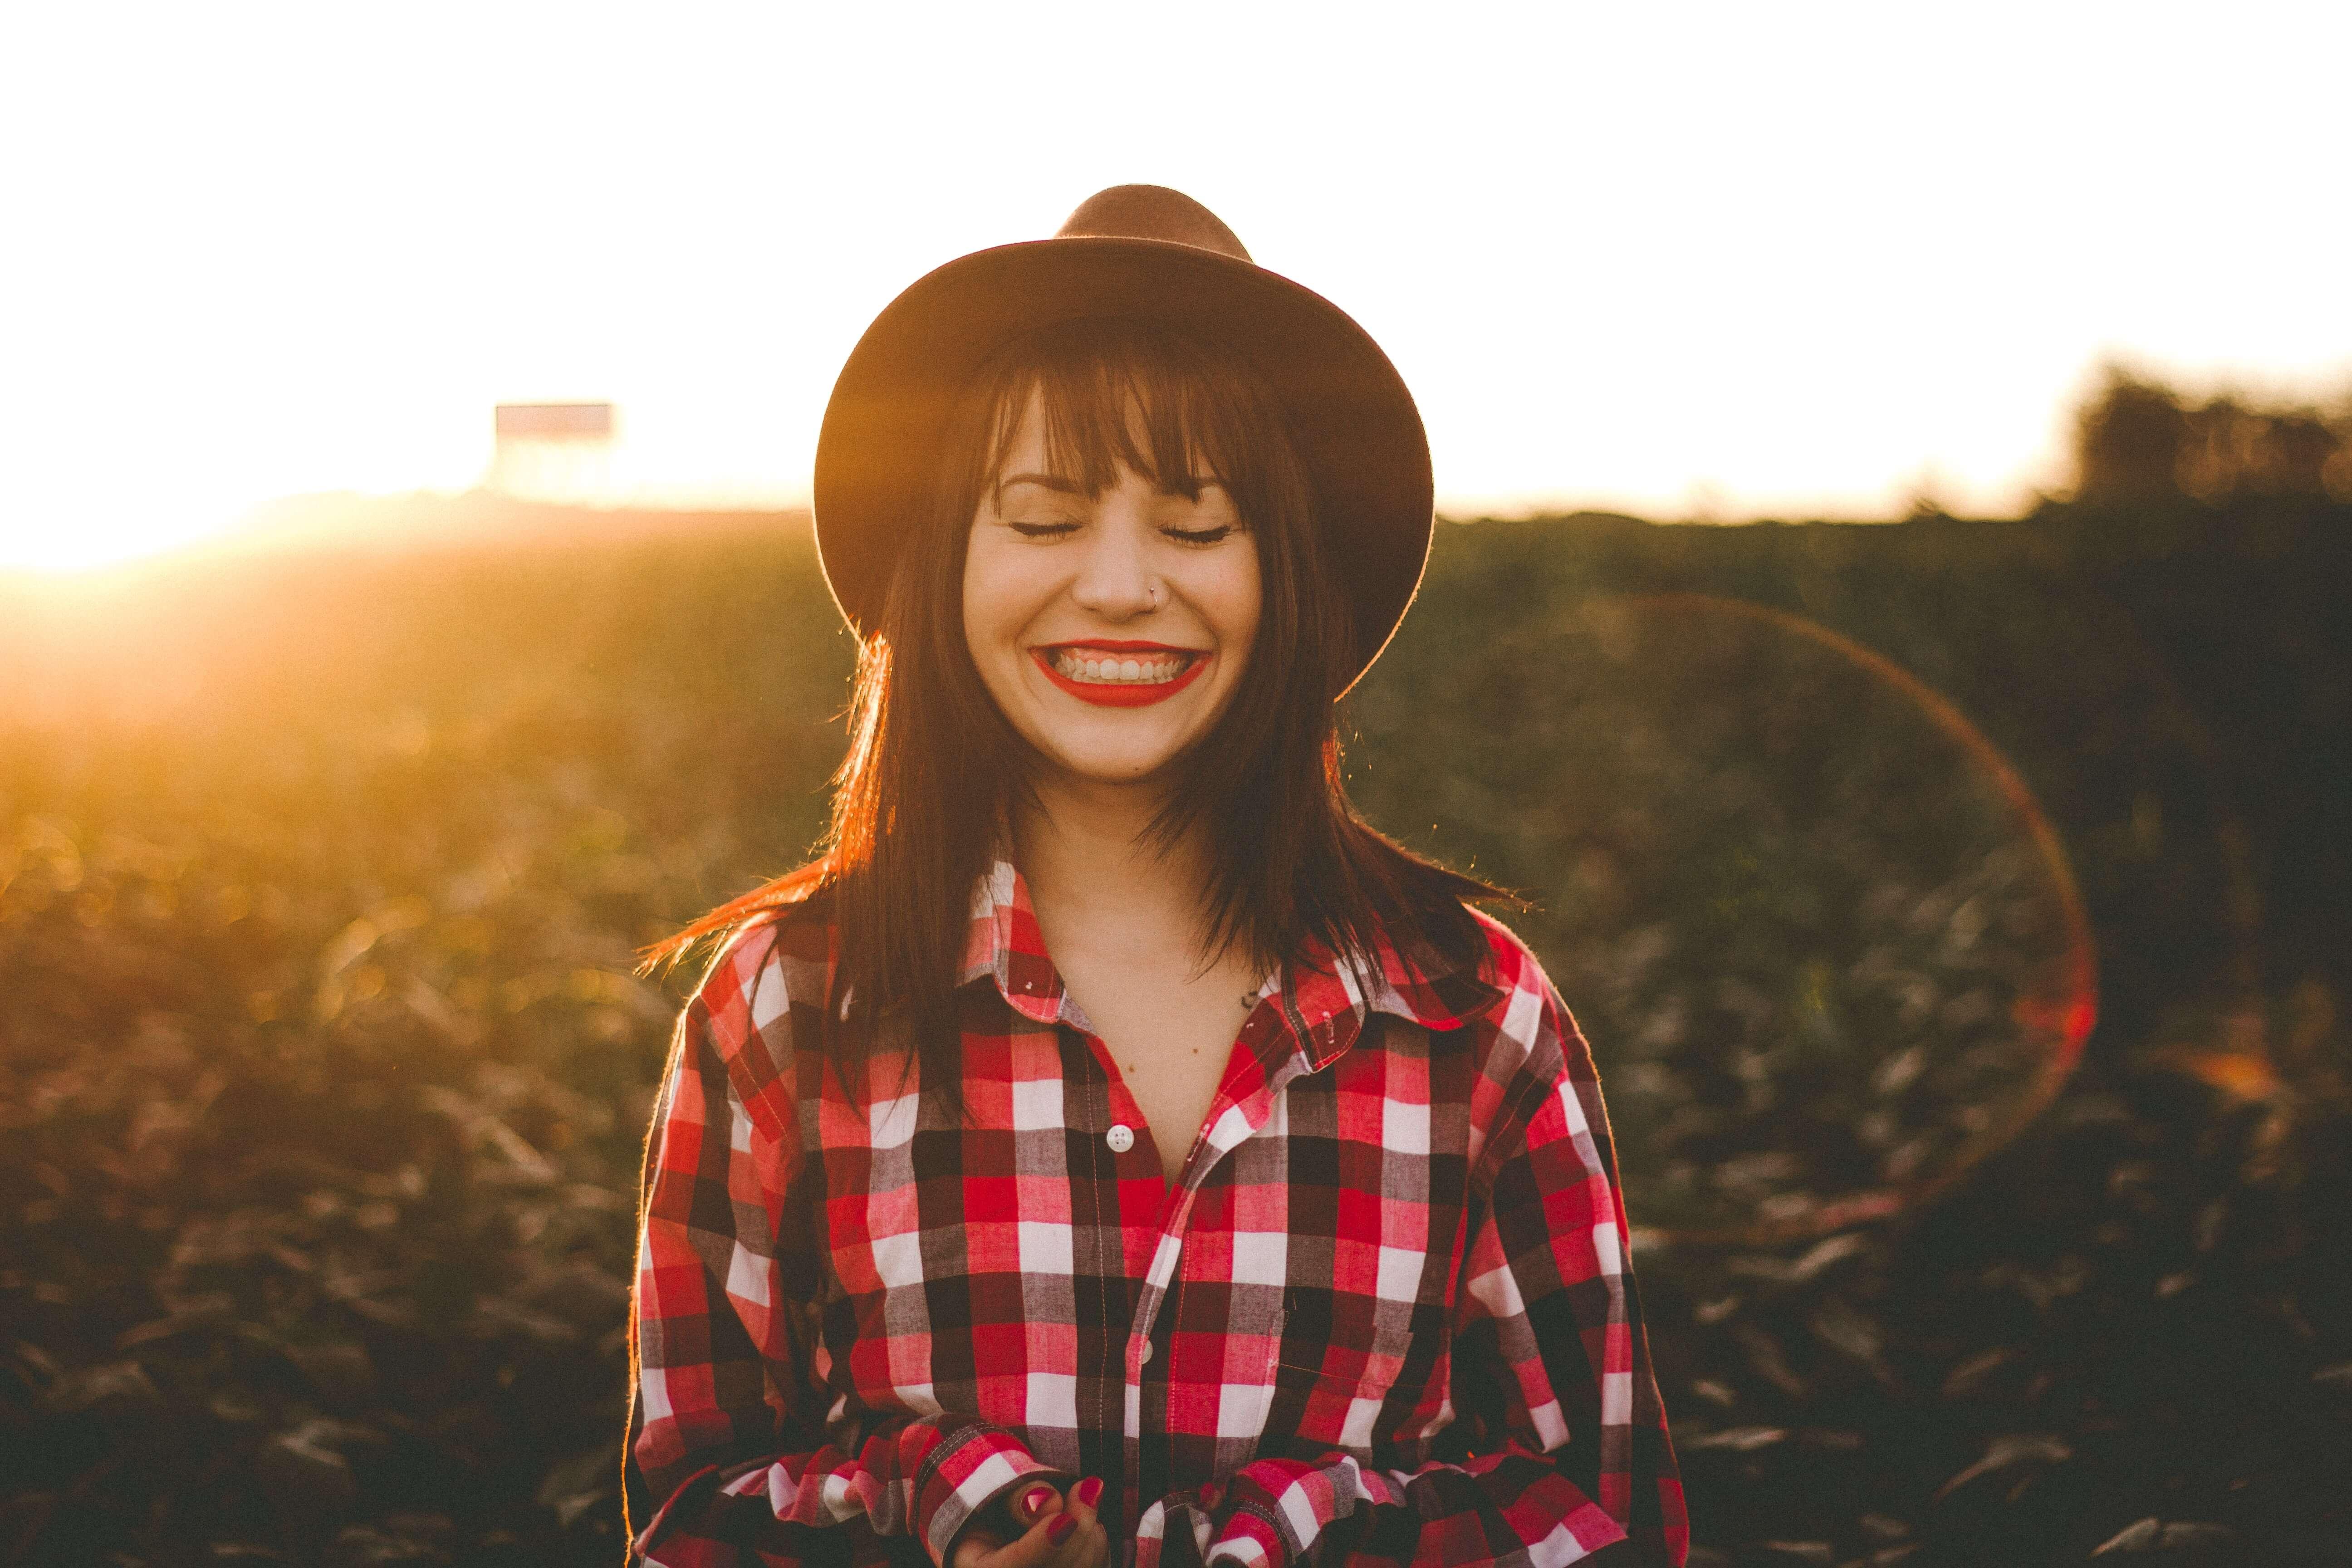 Women in hat really happy